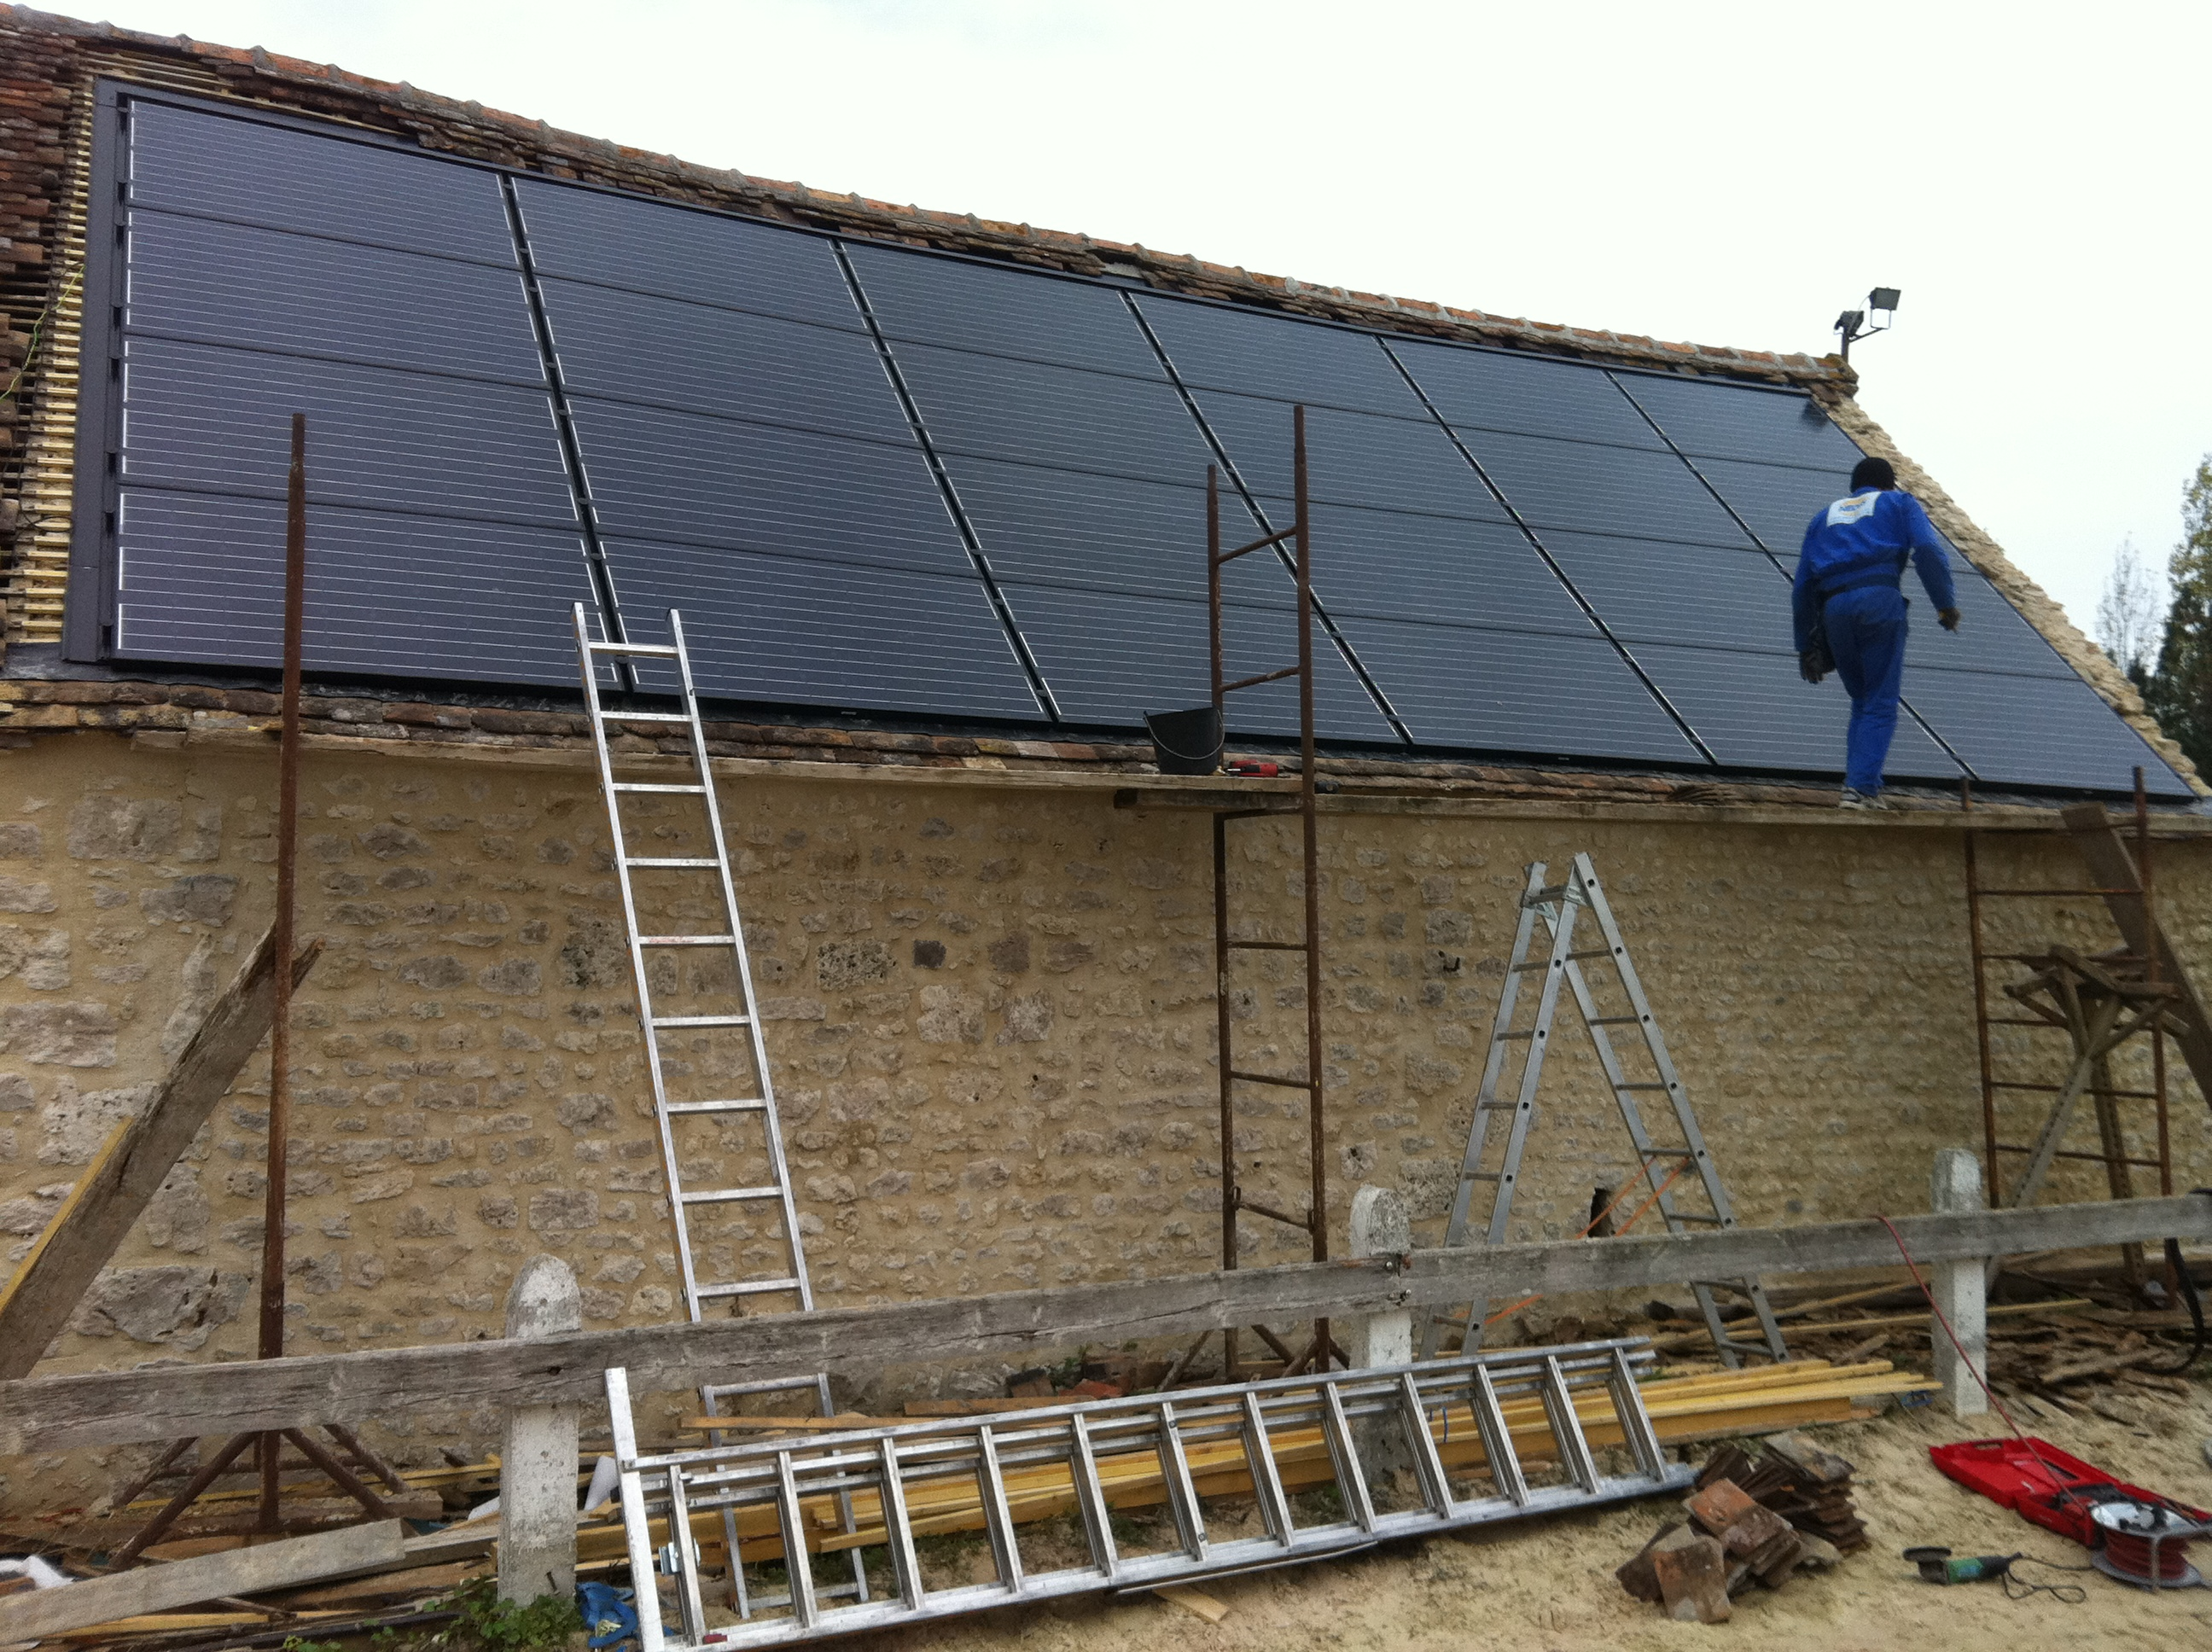 installation photovoltaique sur batiment et toiture existante neonext. Black Bedroom Furniture Sets. Home Design Ideas